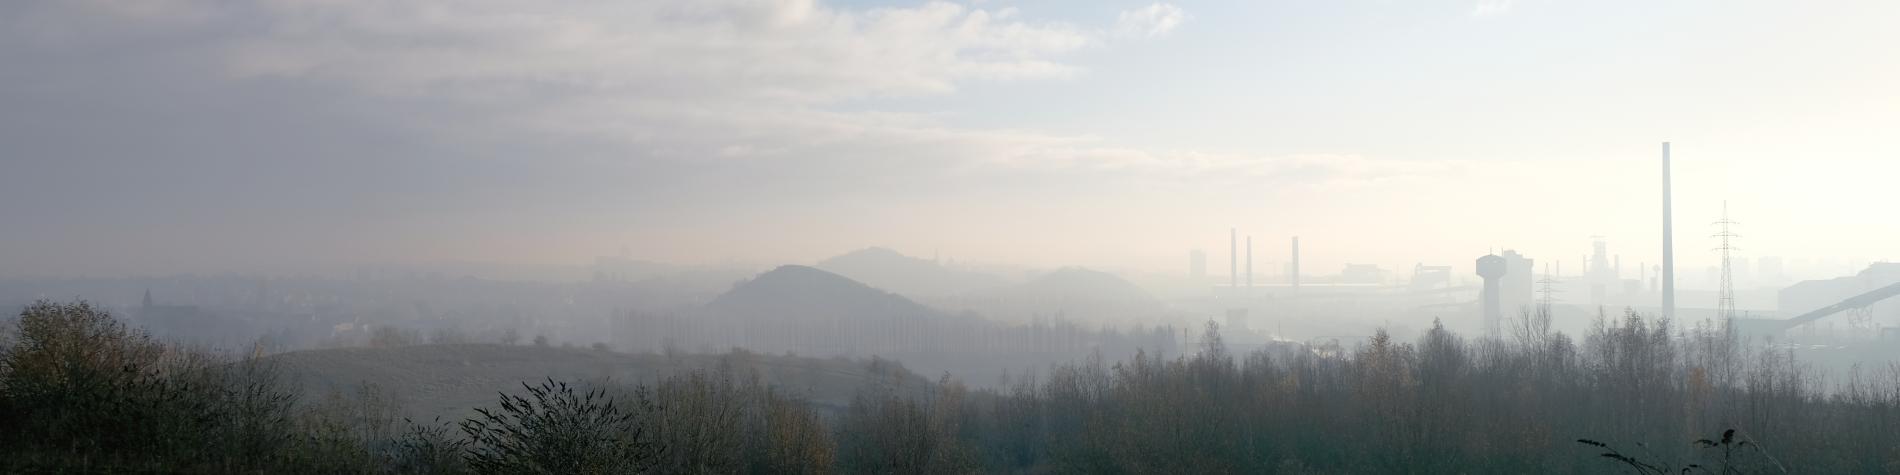 vue sur paysage industriel à Charleroi